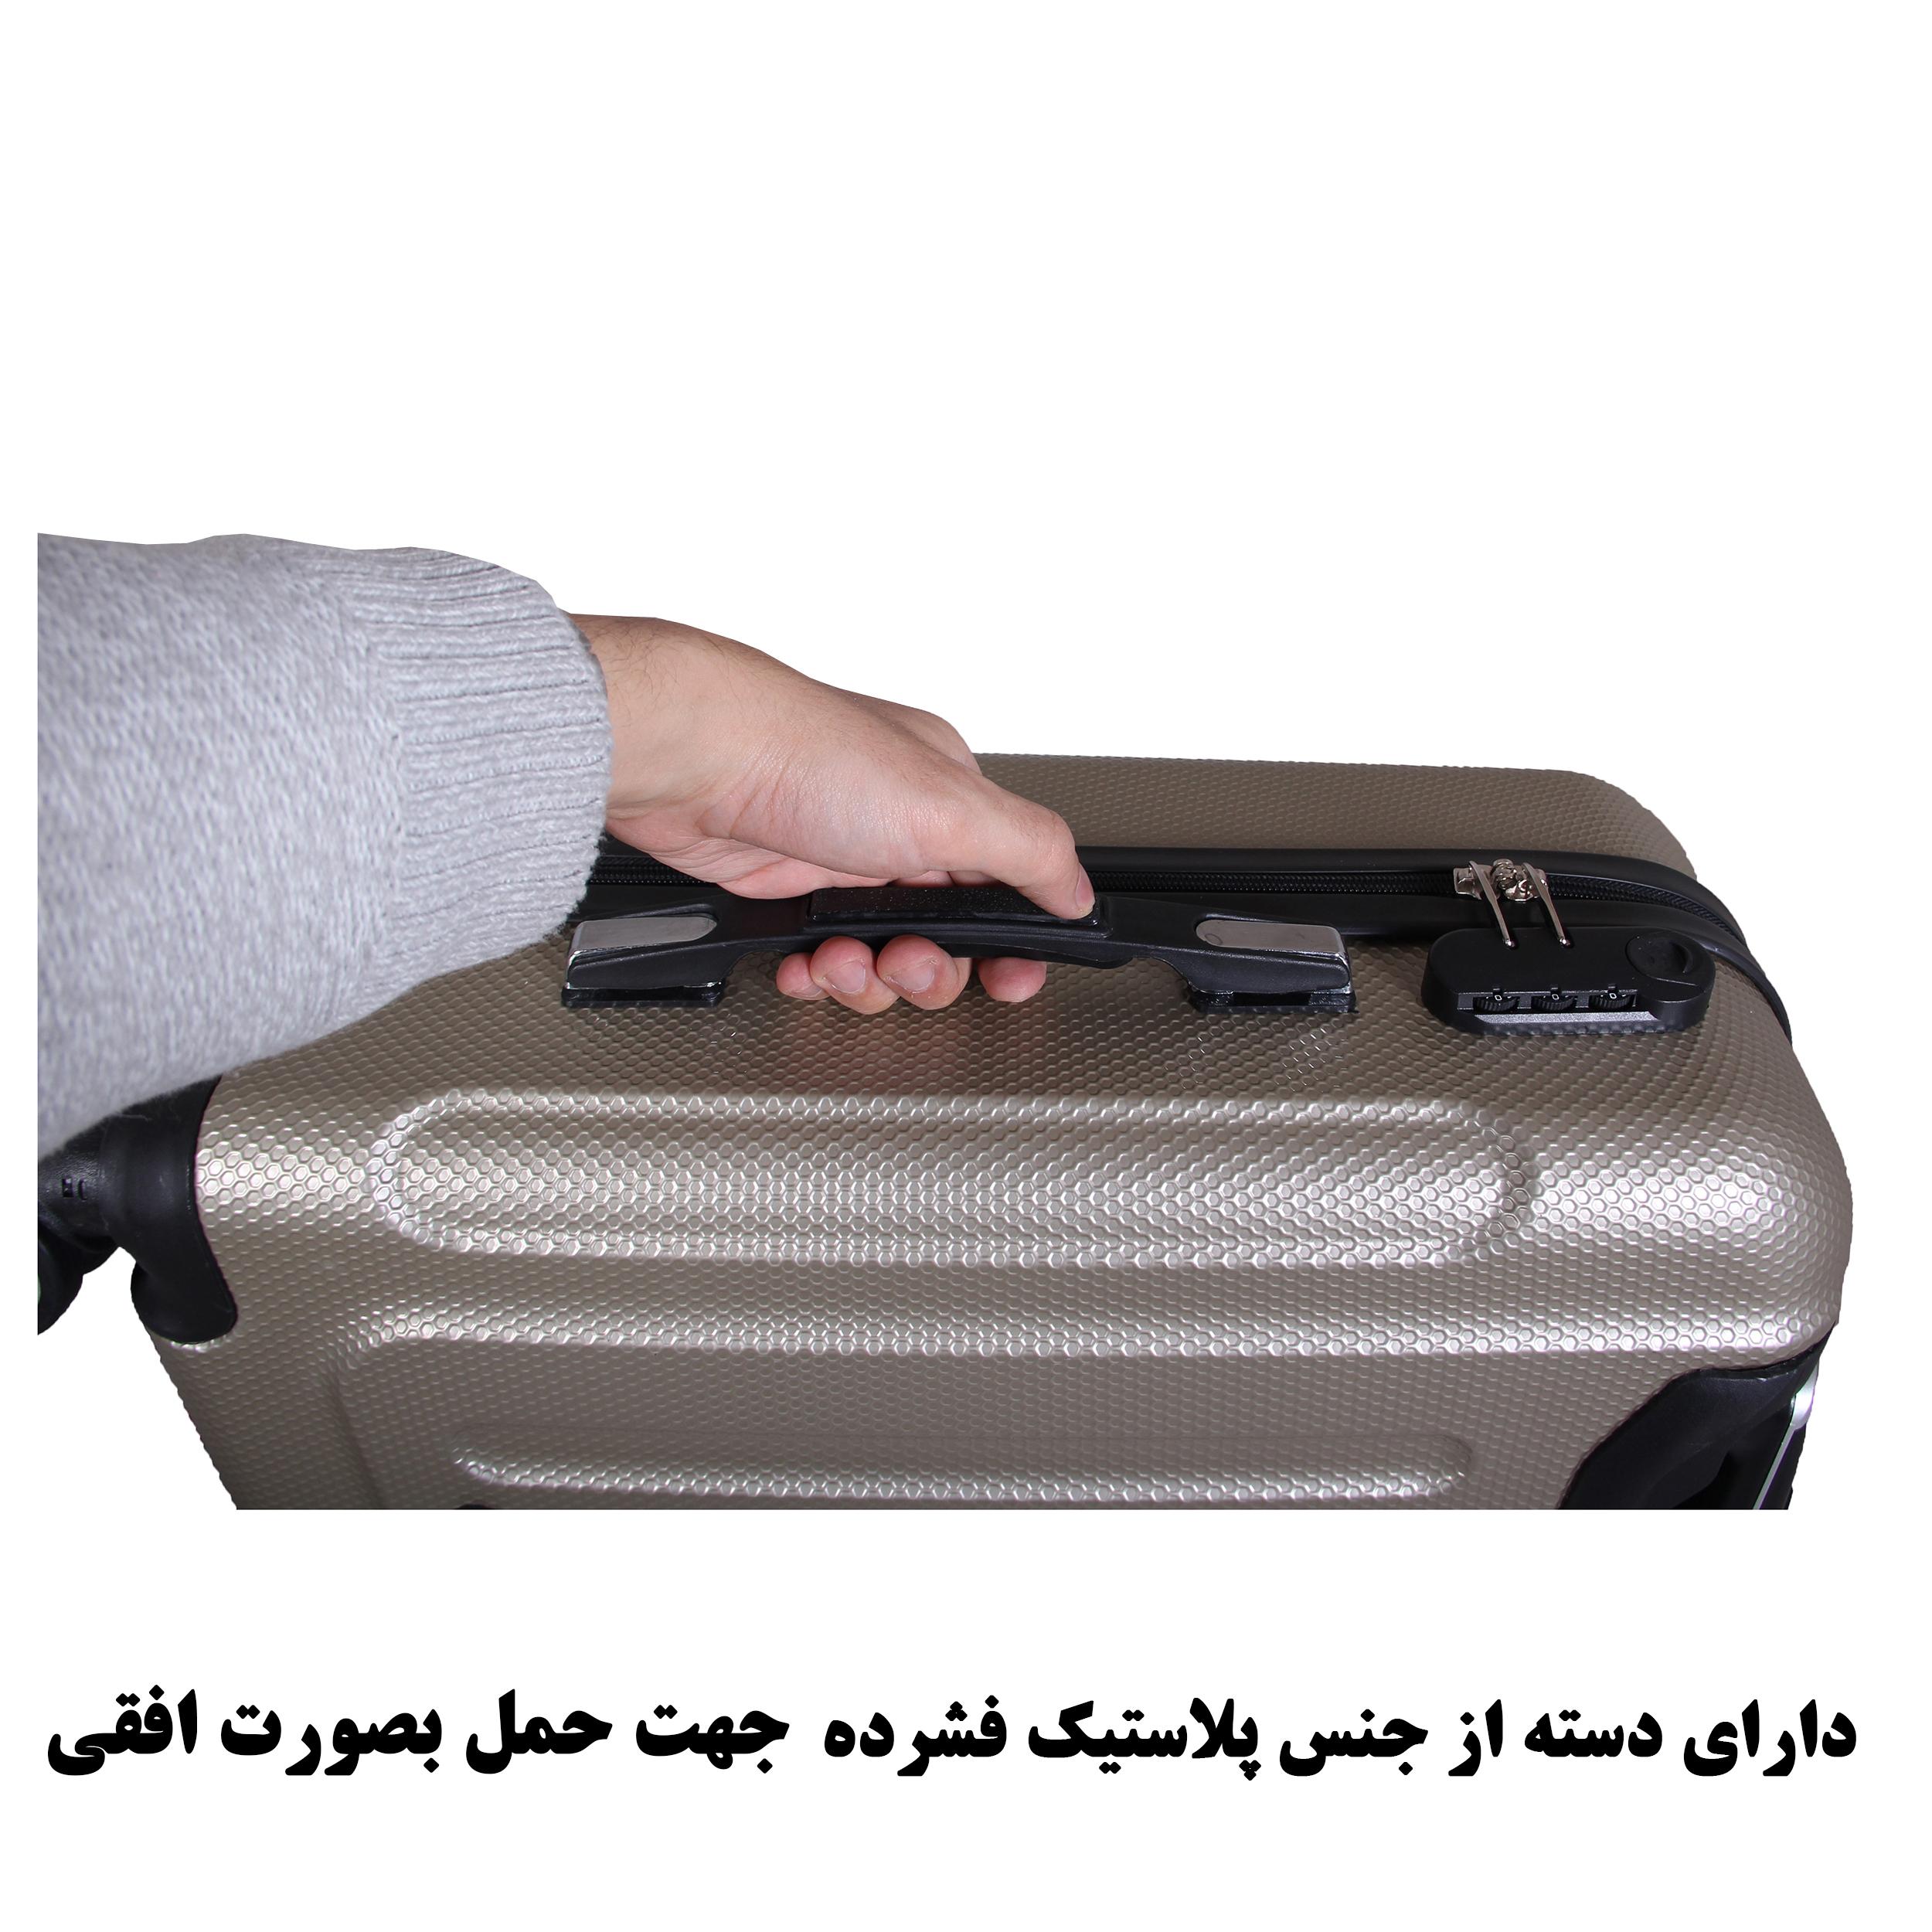 مجموعه چهار عددی چمدان اسپرت من مدل NS001 main 1 29